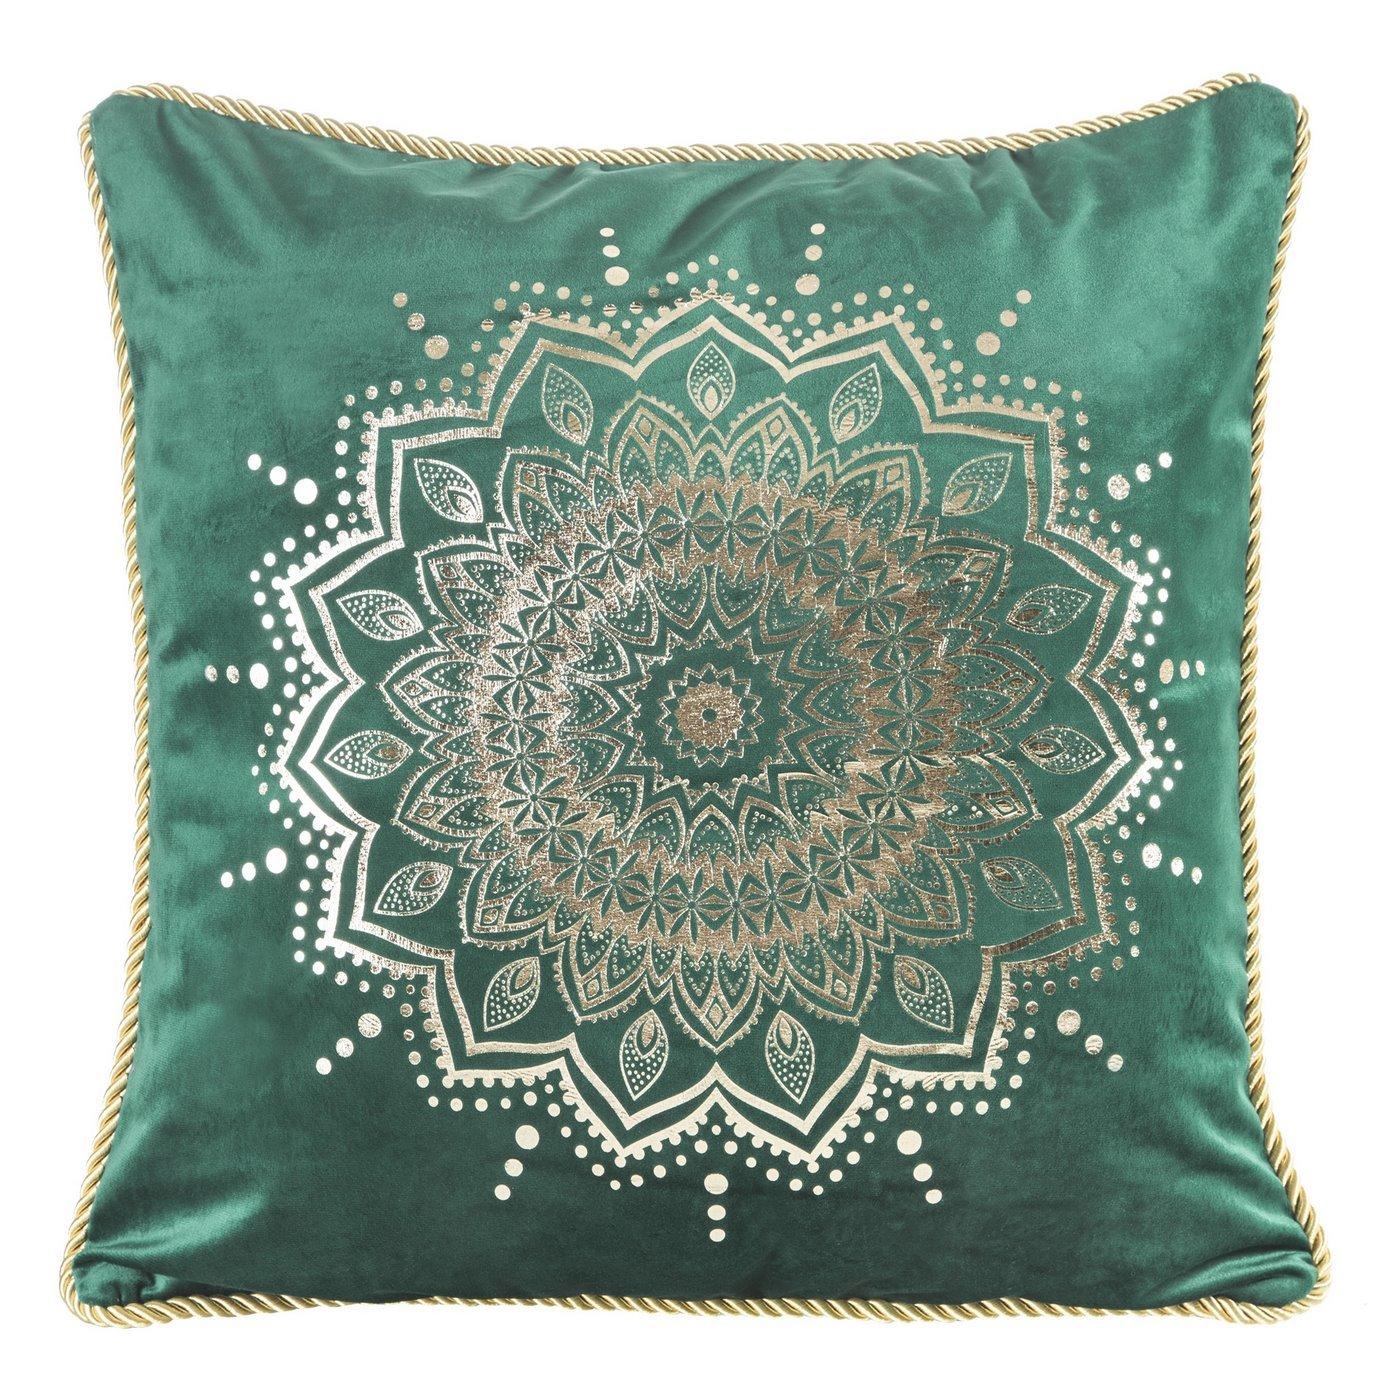 Poszewka na poduszkę welwetowa z lamówką mandala 45 x 45 cm ciemno zielona